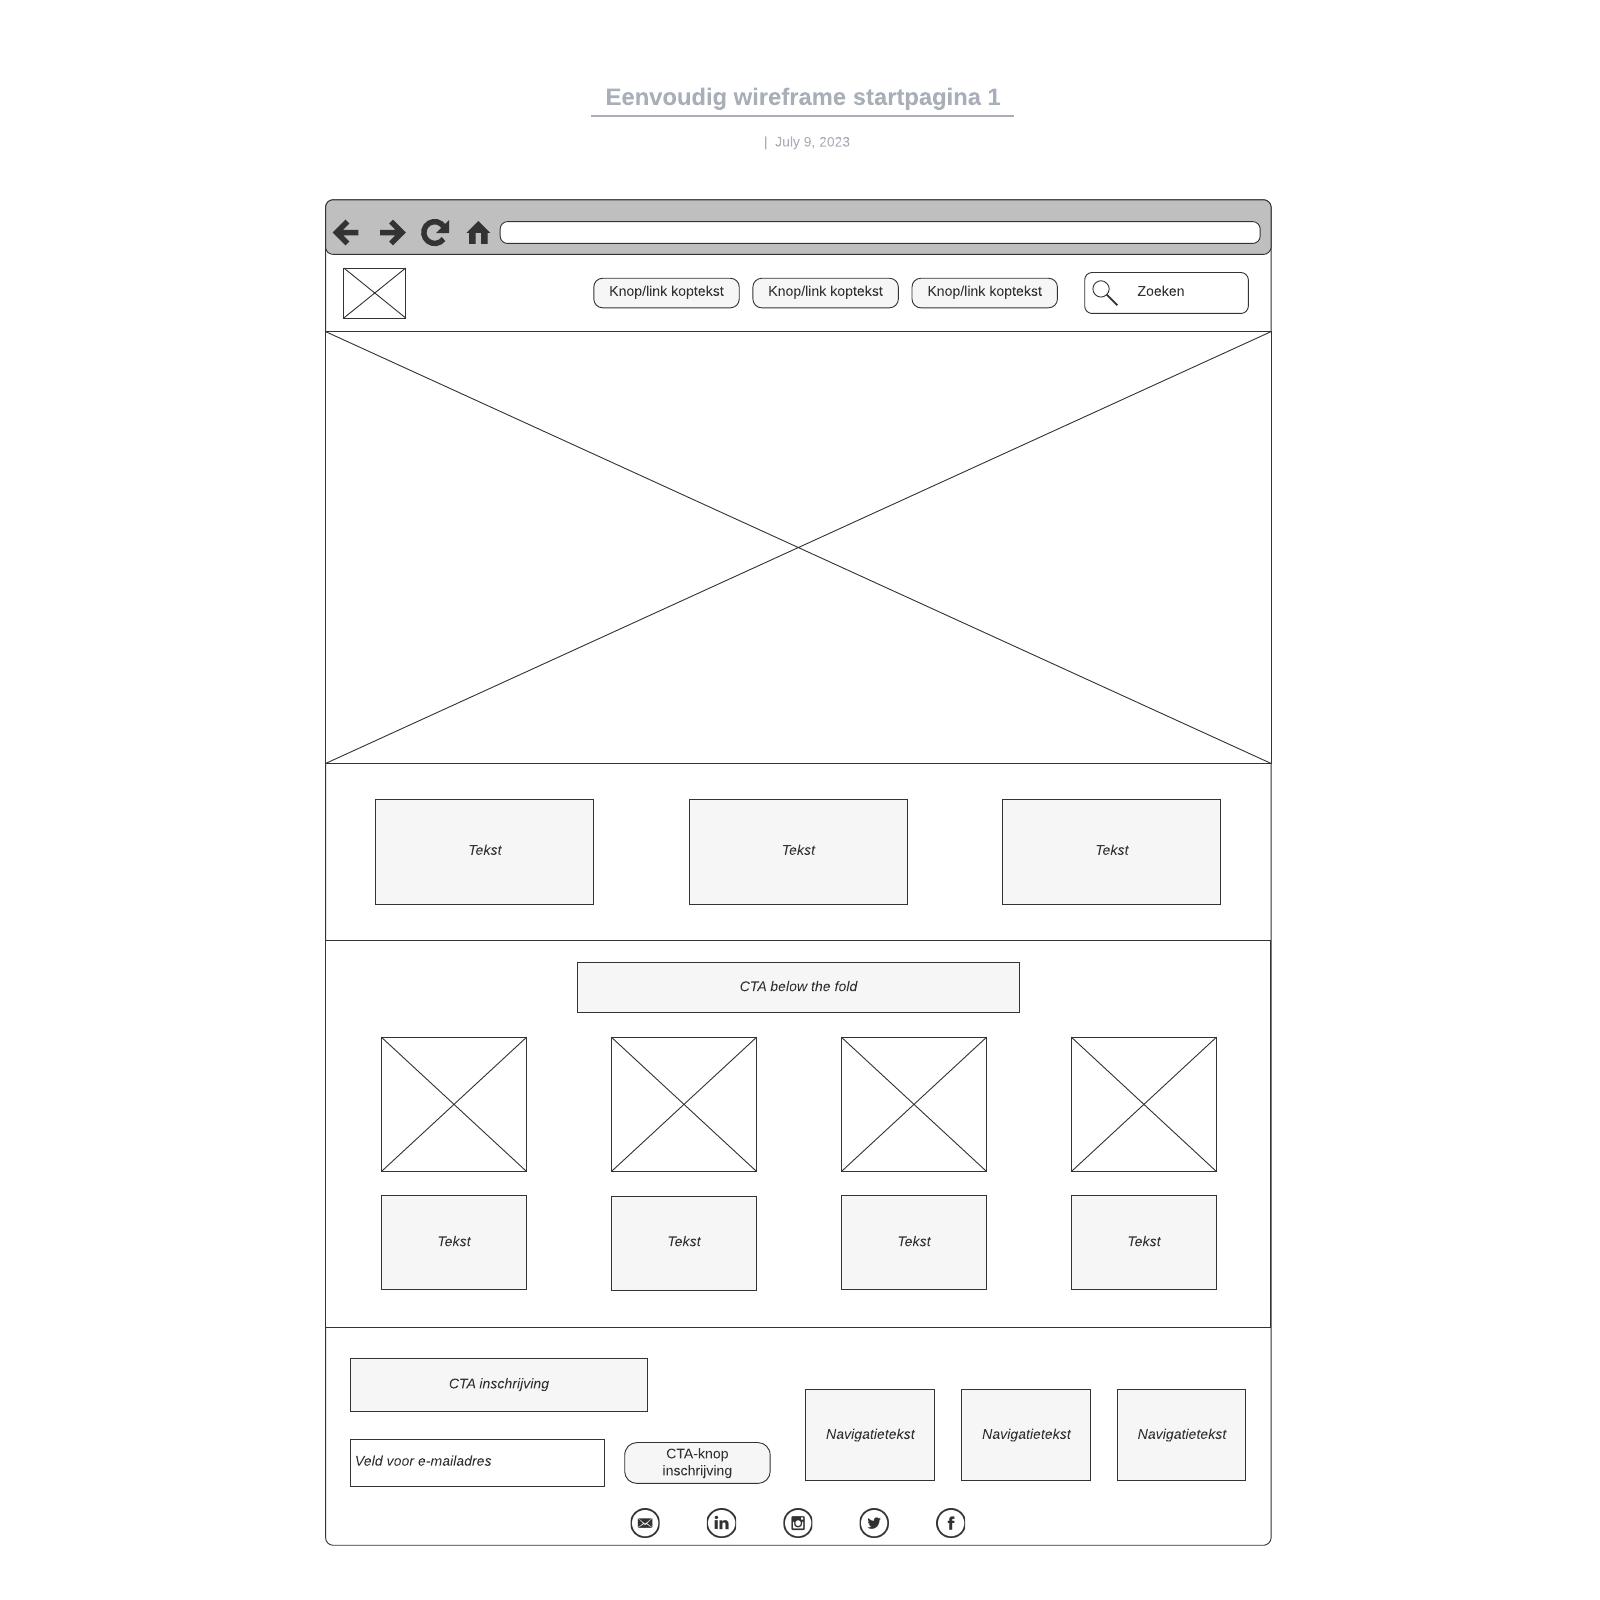 Eenvoudig wireframe startpagina 1